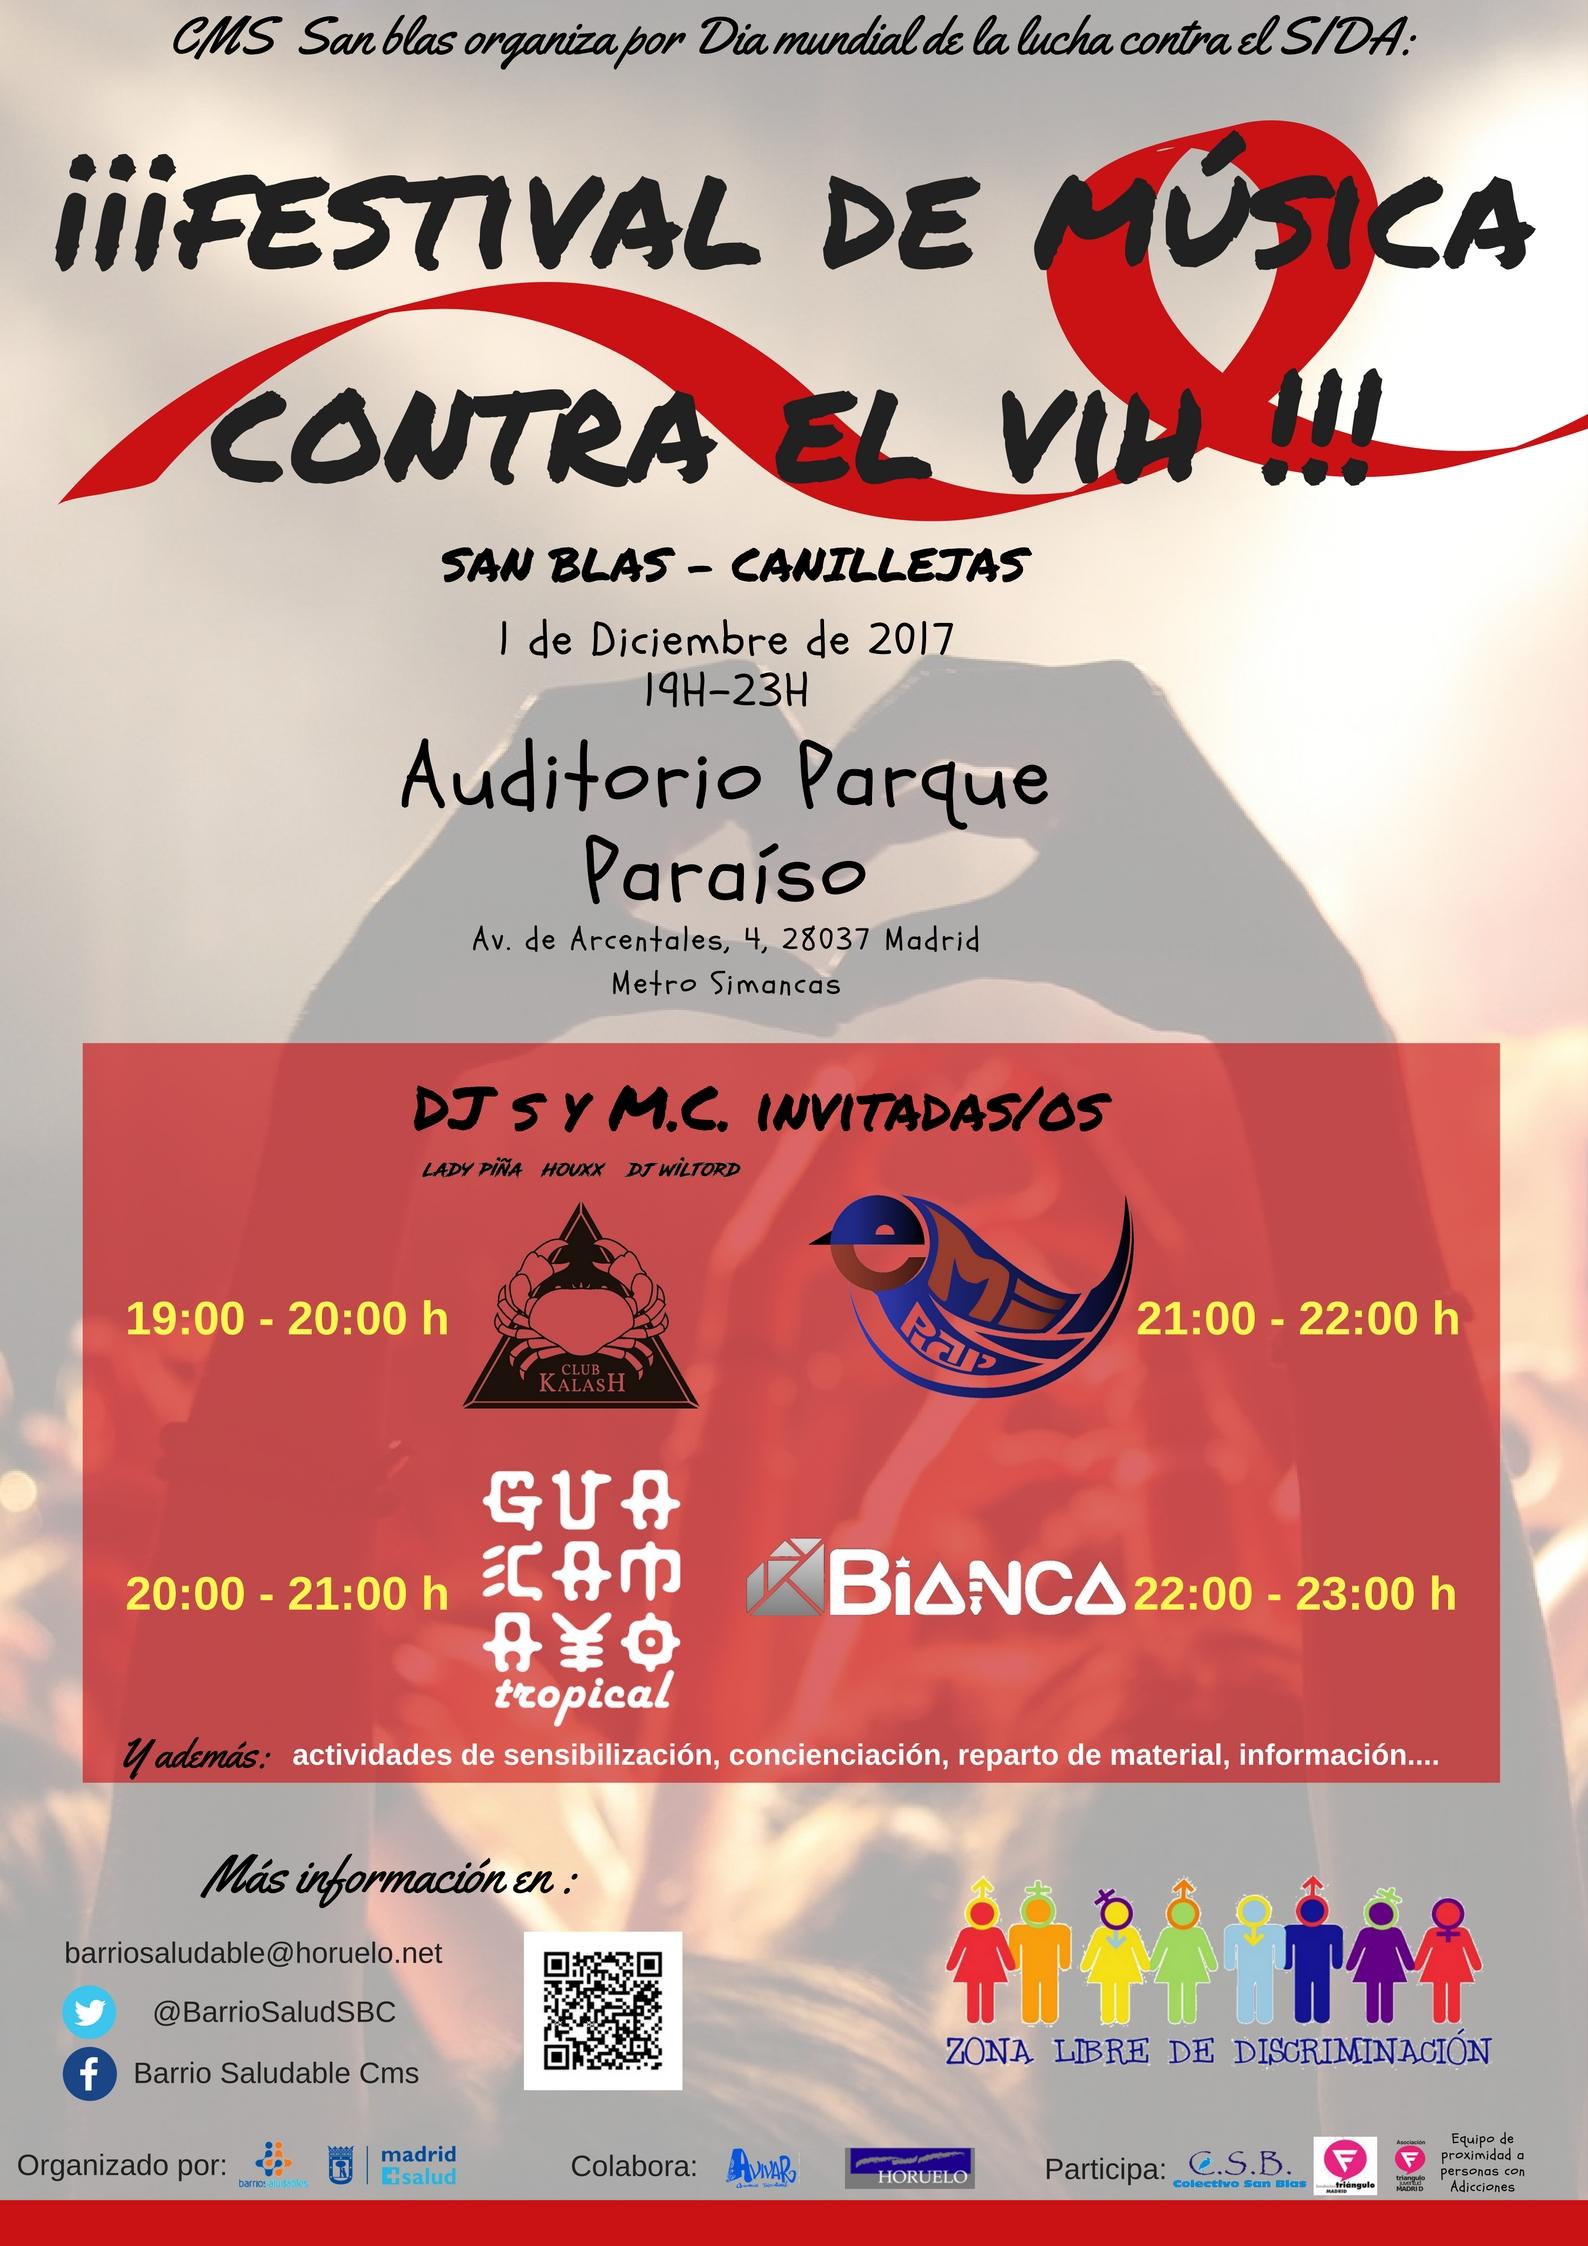 Festival de música contra el VIH